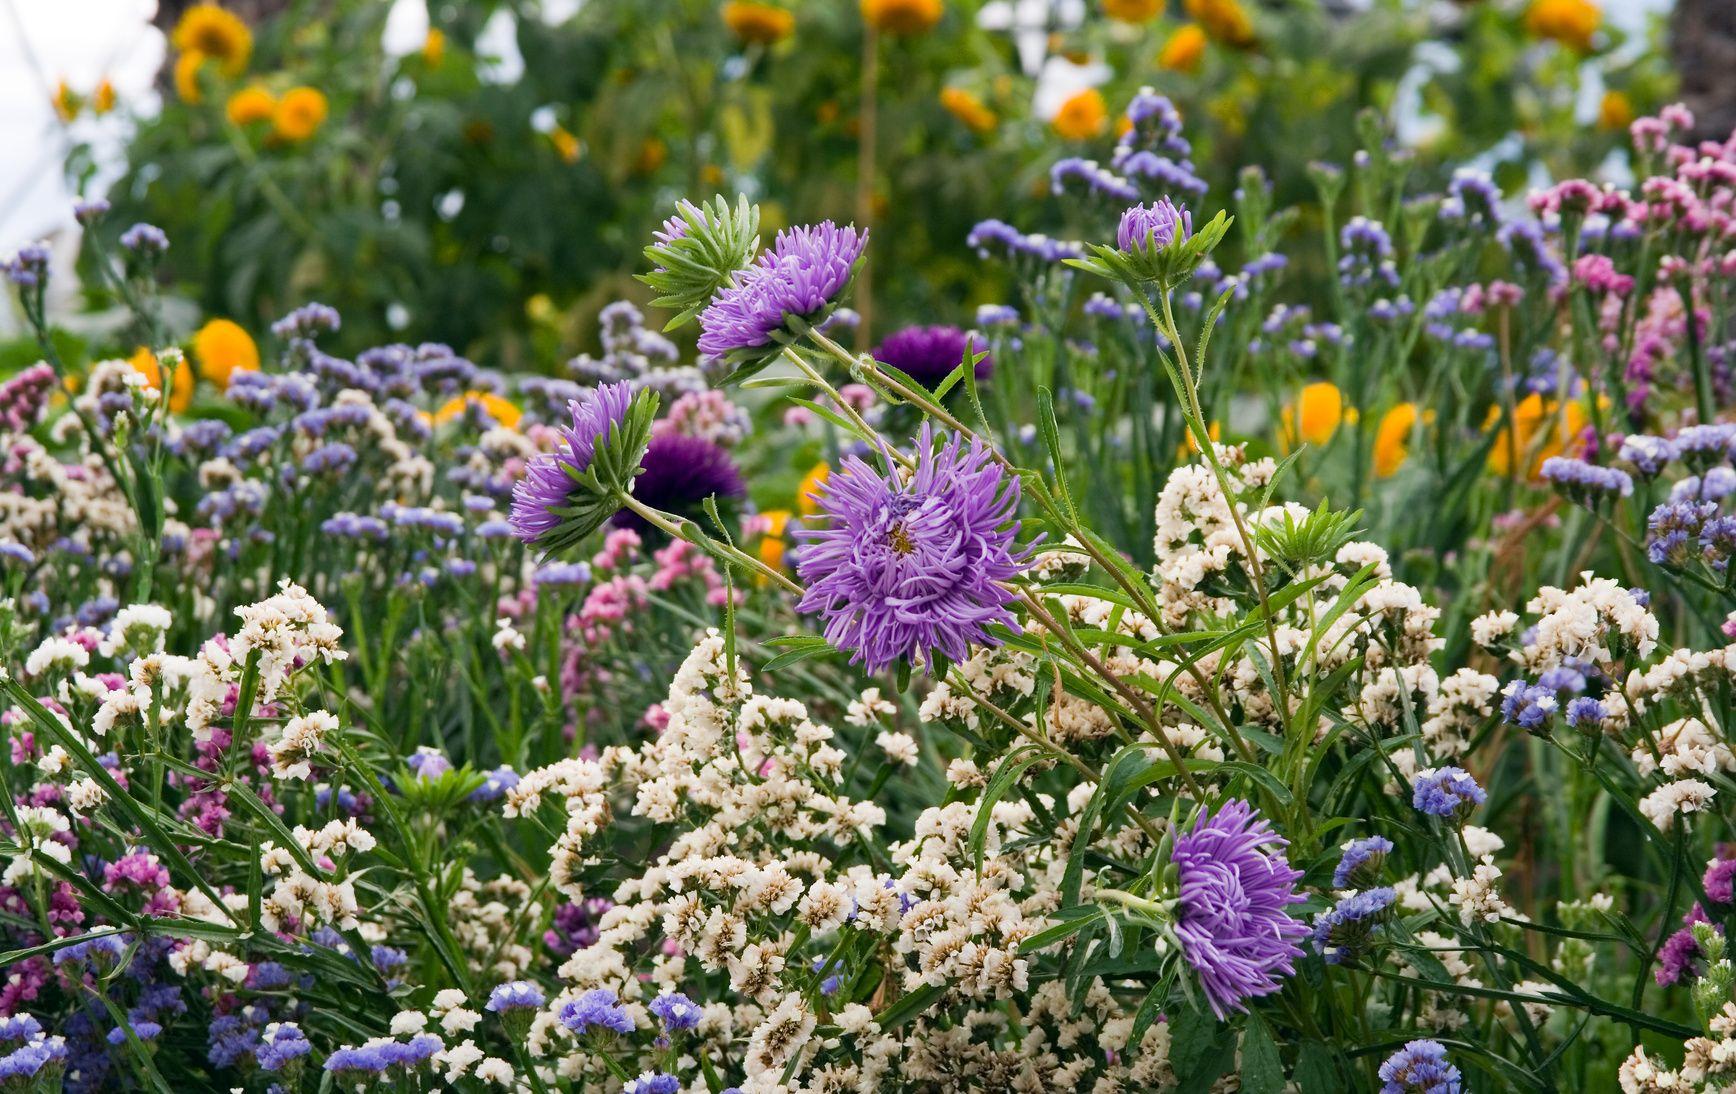 comment faire fleurir votre jardin neuf mois sur douze. Black Bedroom Furniture Sets. Home Design Ideas